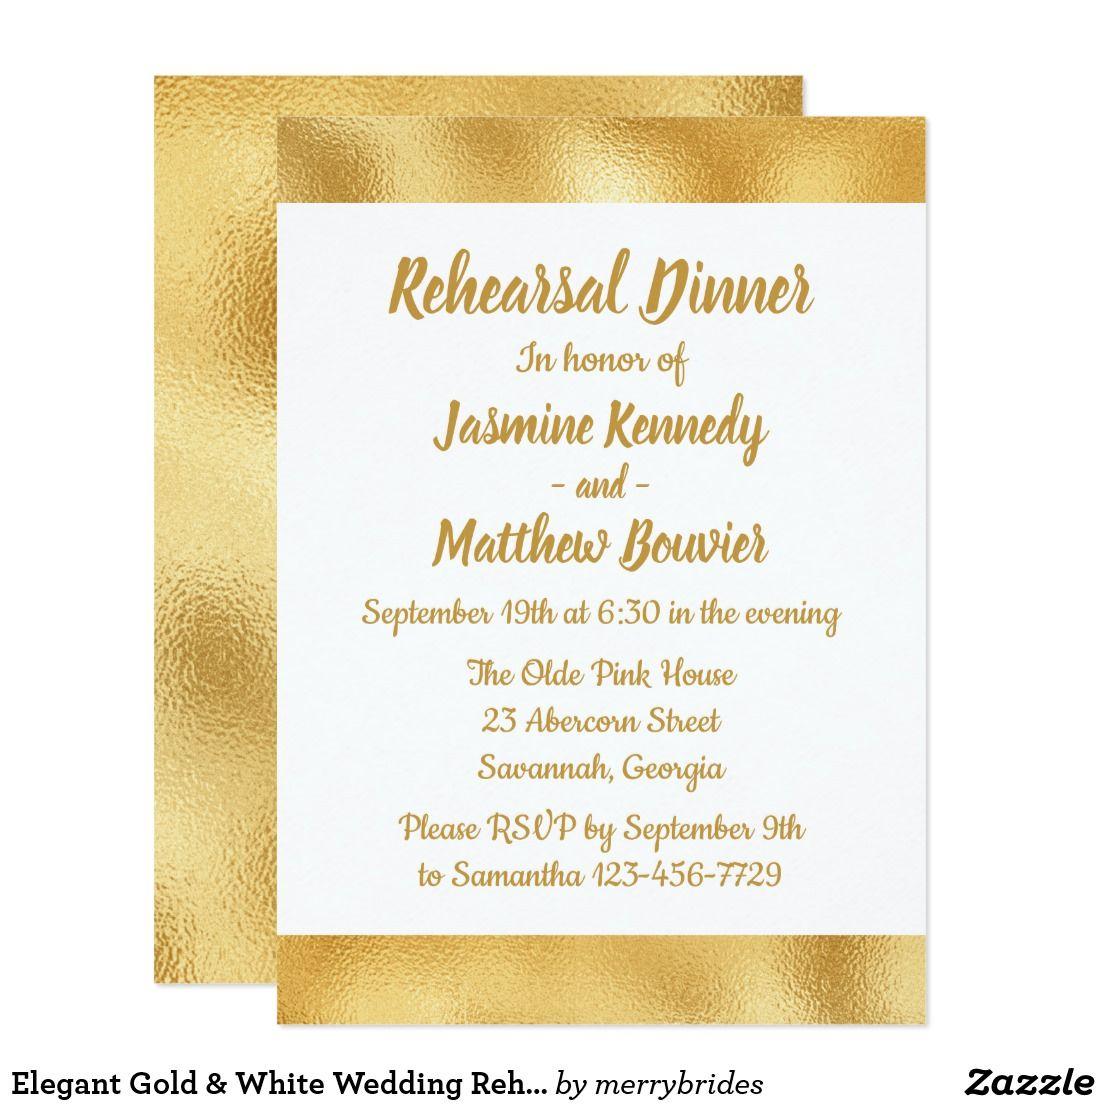 Elegant Gold & White Wedding Rehearsal Dinner Glam Card   Rehearsal ...